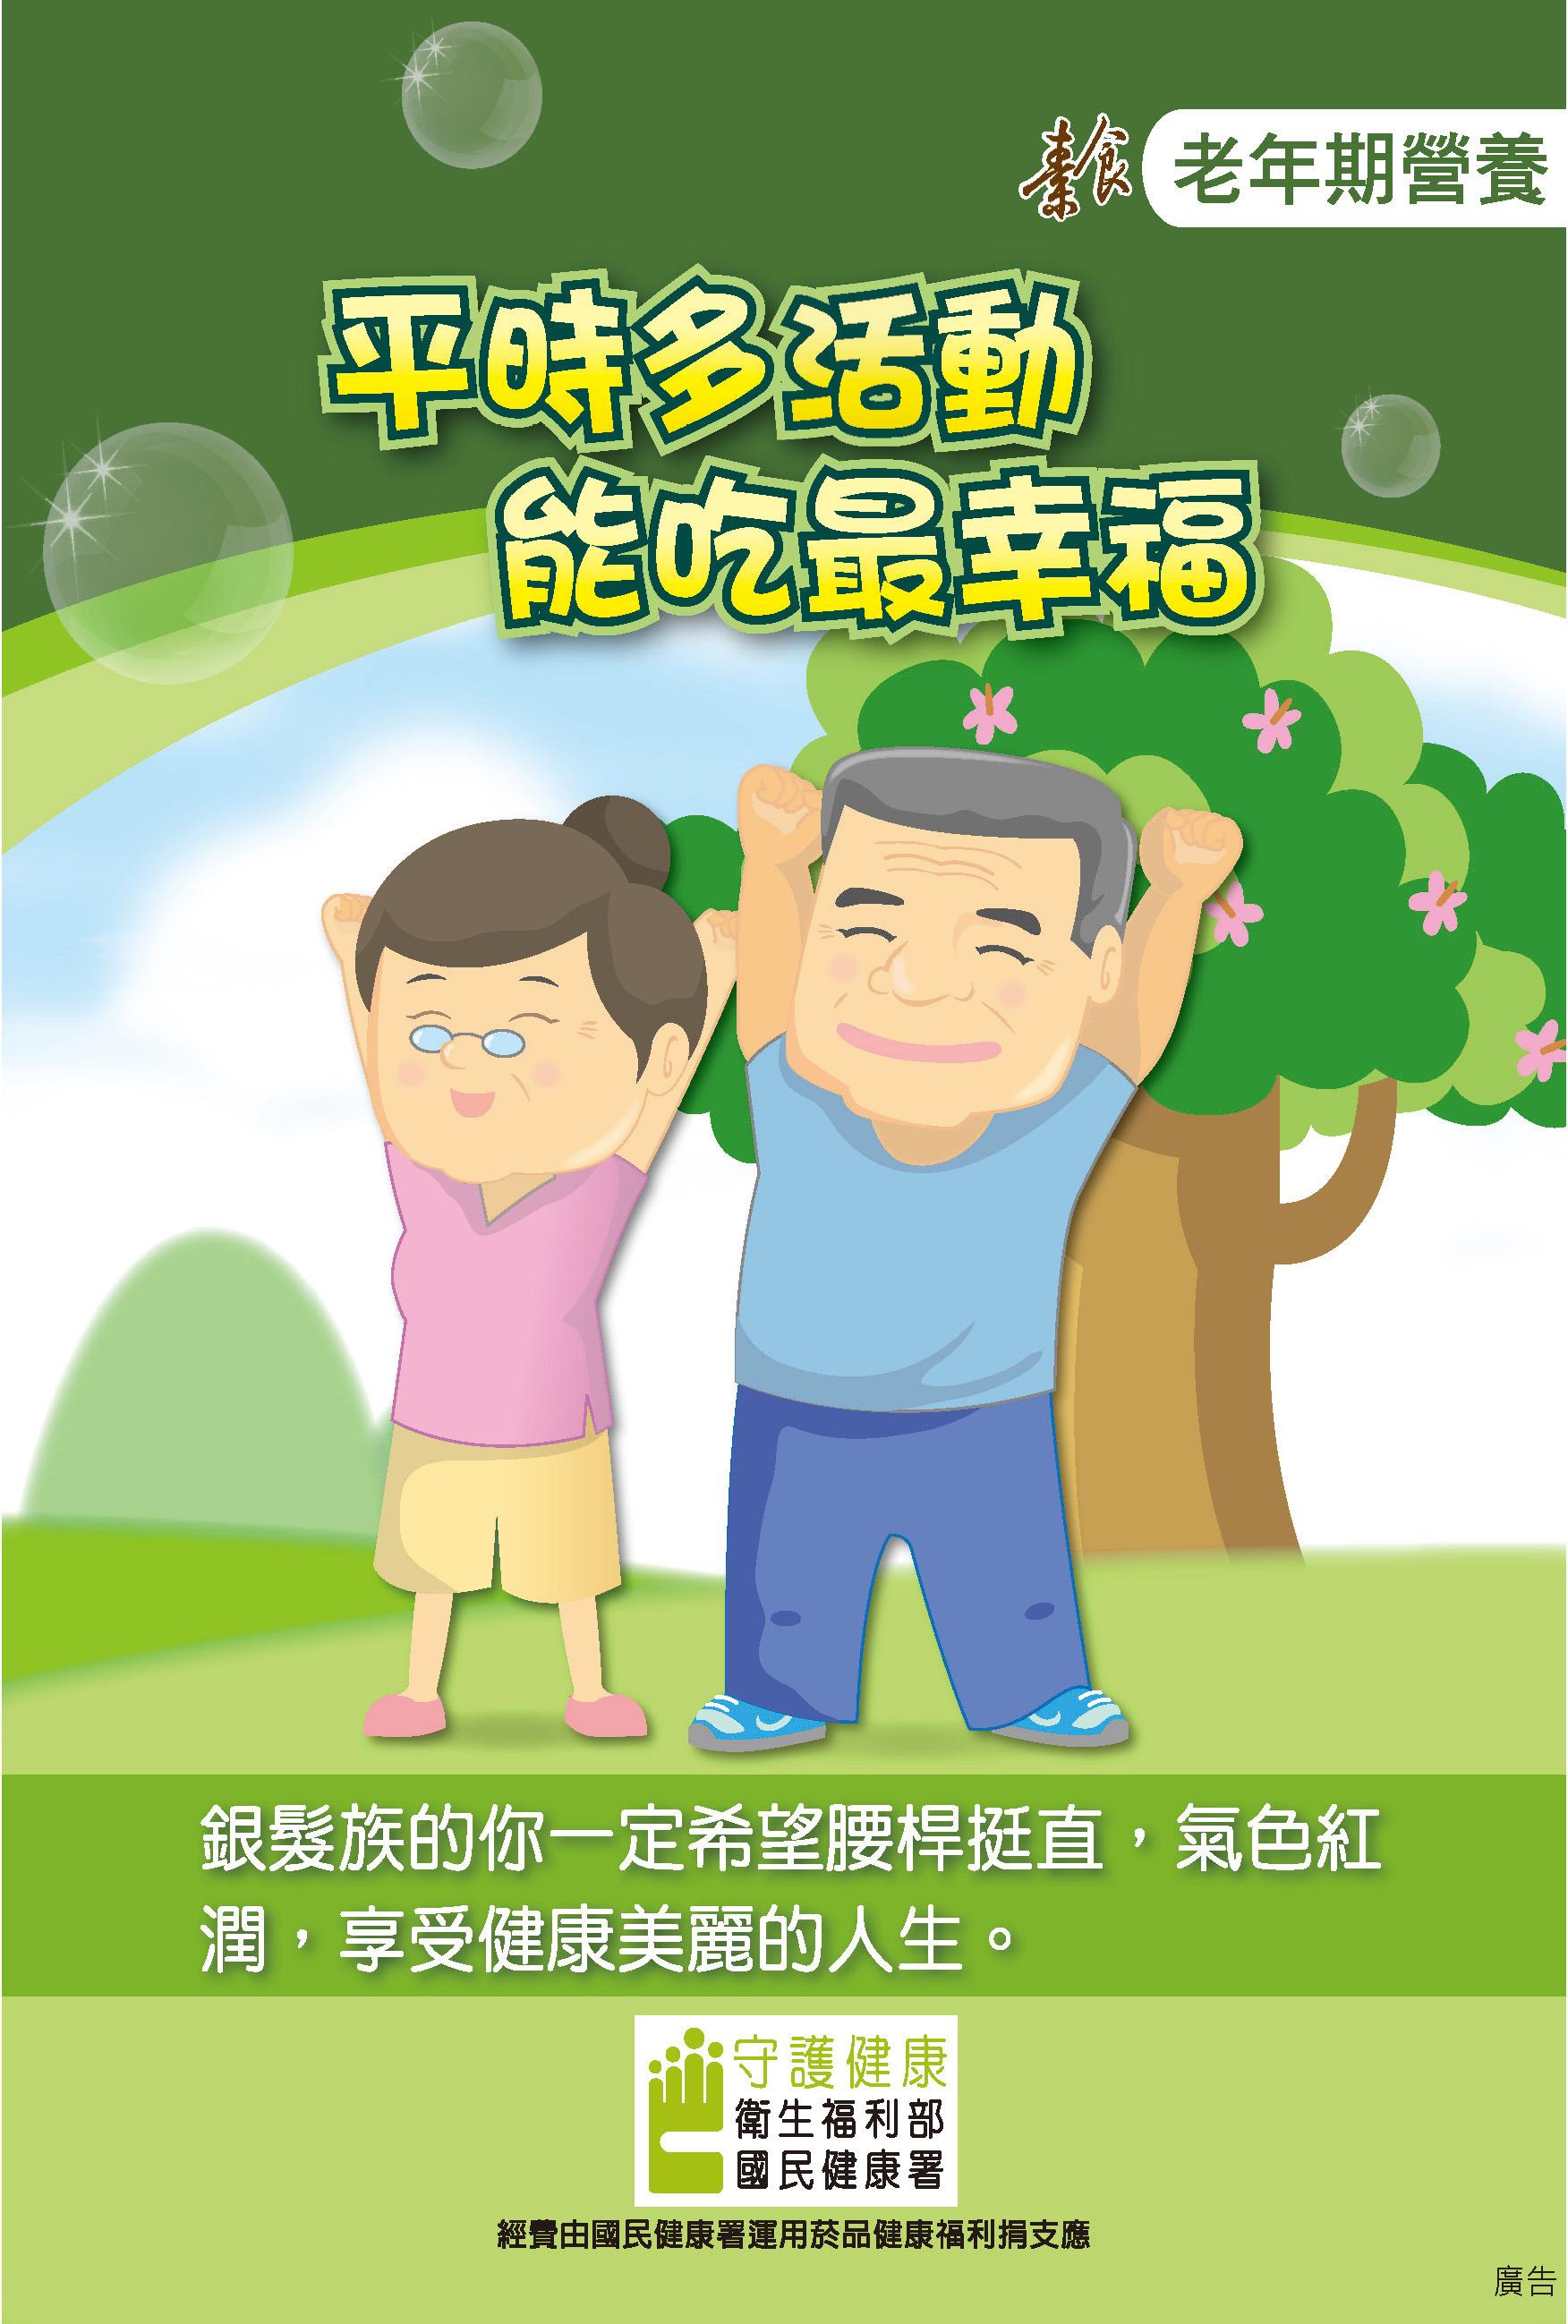 素食老年期營養手冊